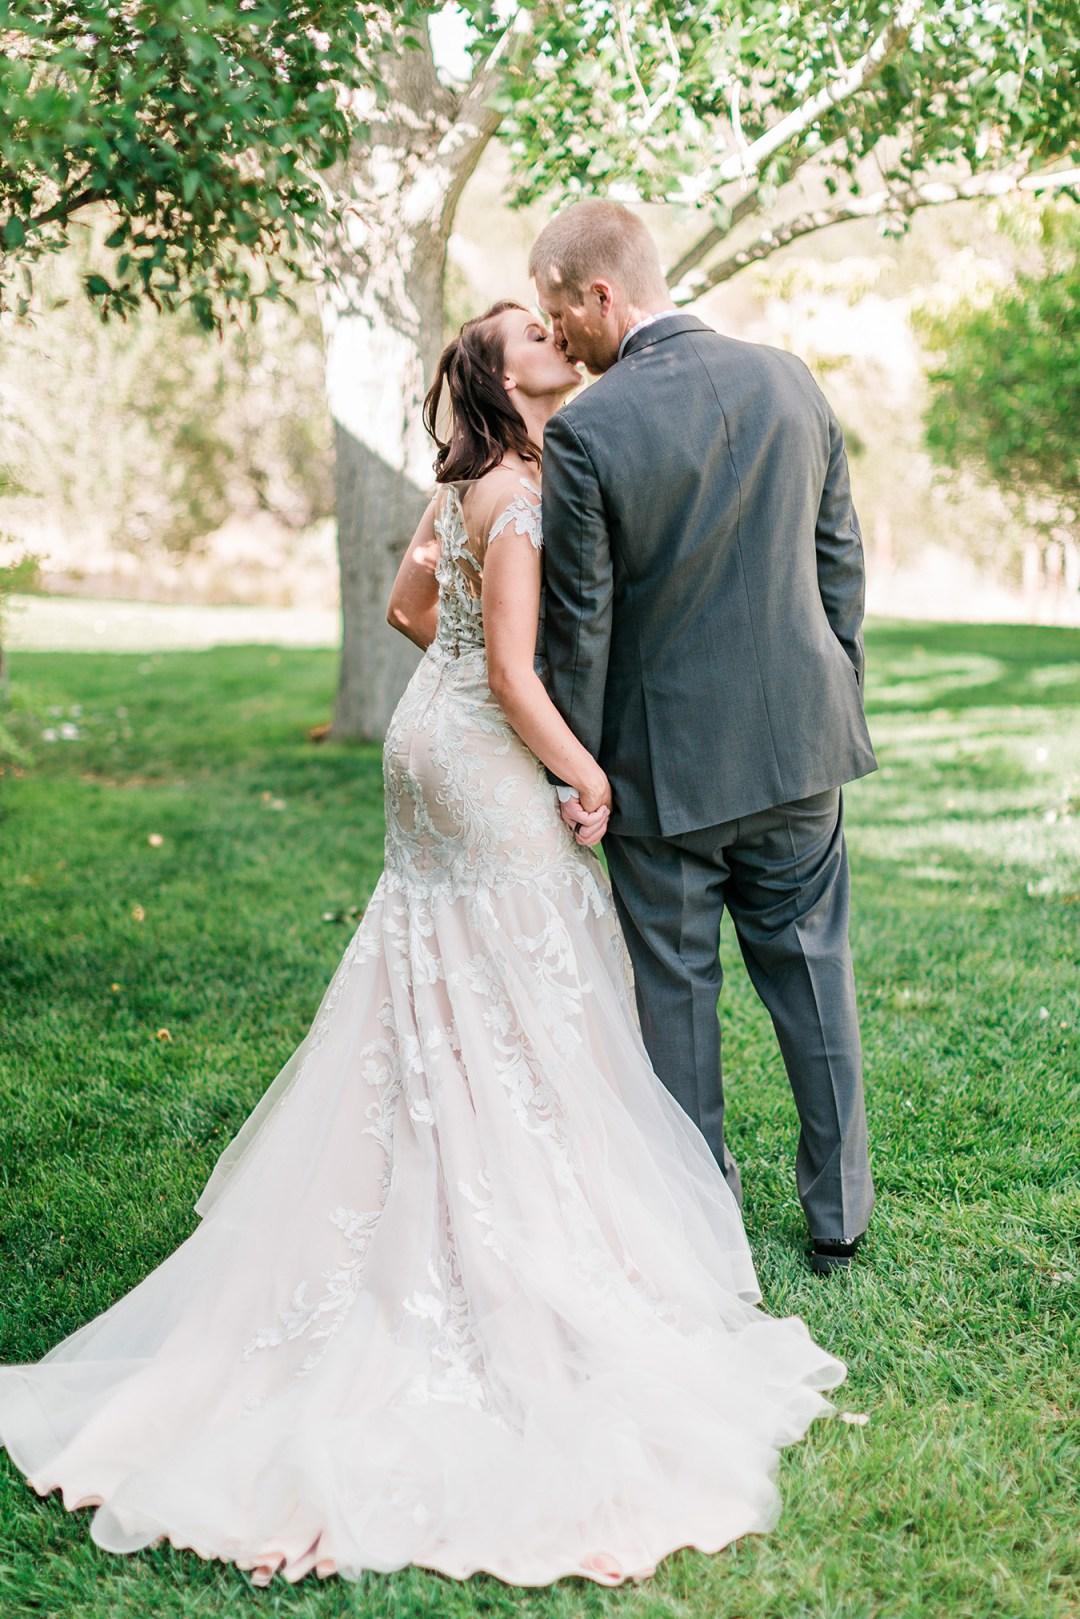 David & Kristen | Hotchkiss VRBO Elopement